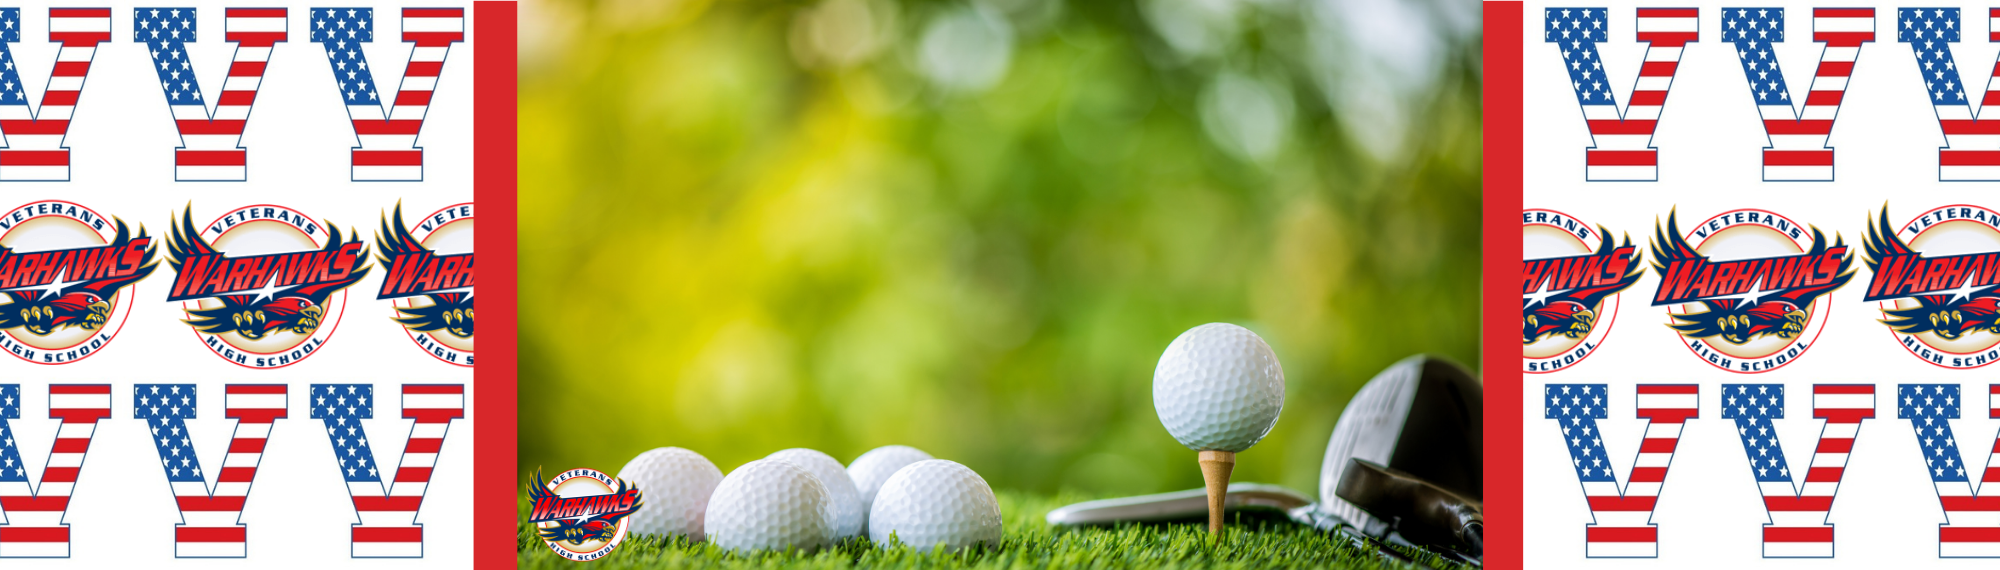 Warhawk Golf